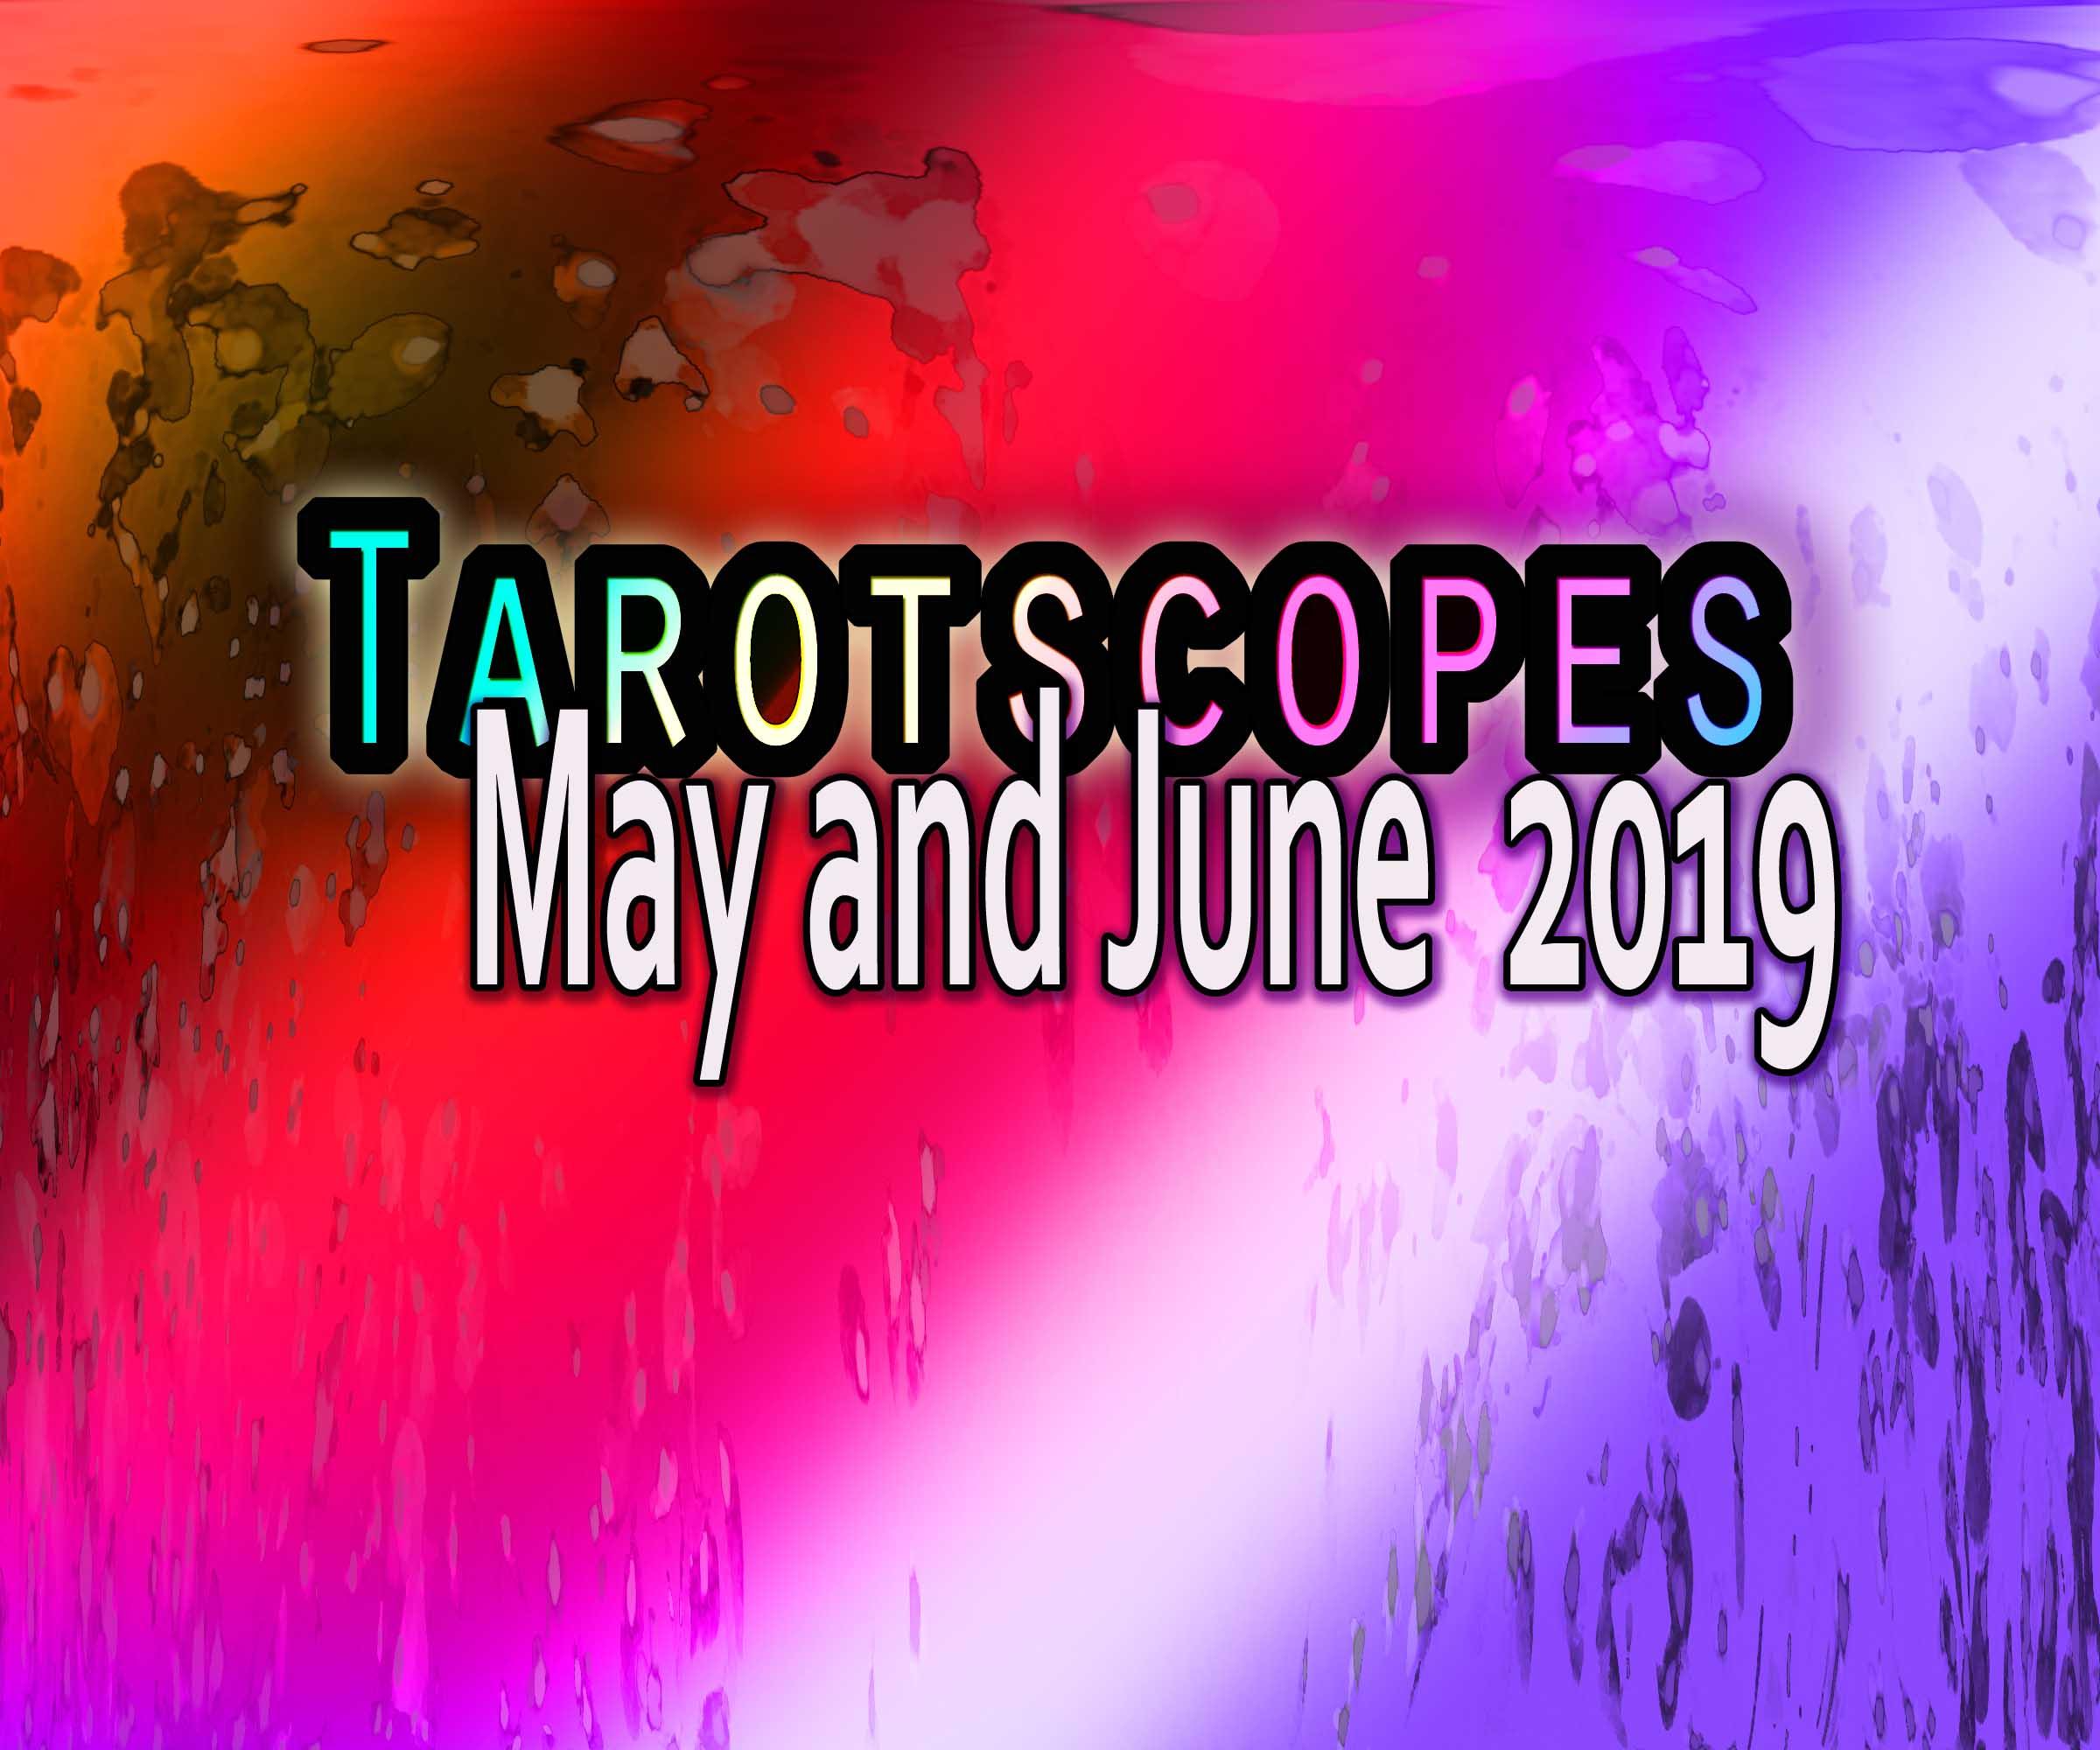 Tarotscopes May and June 2019